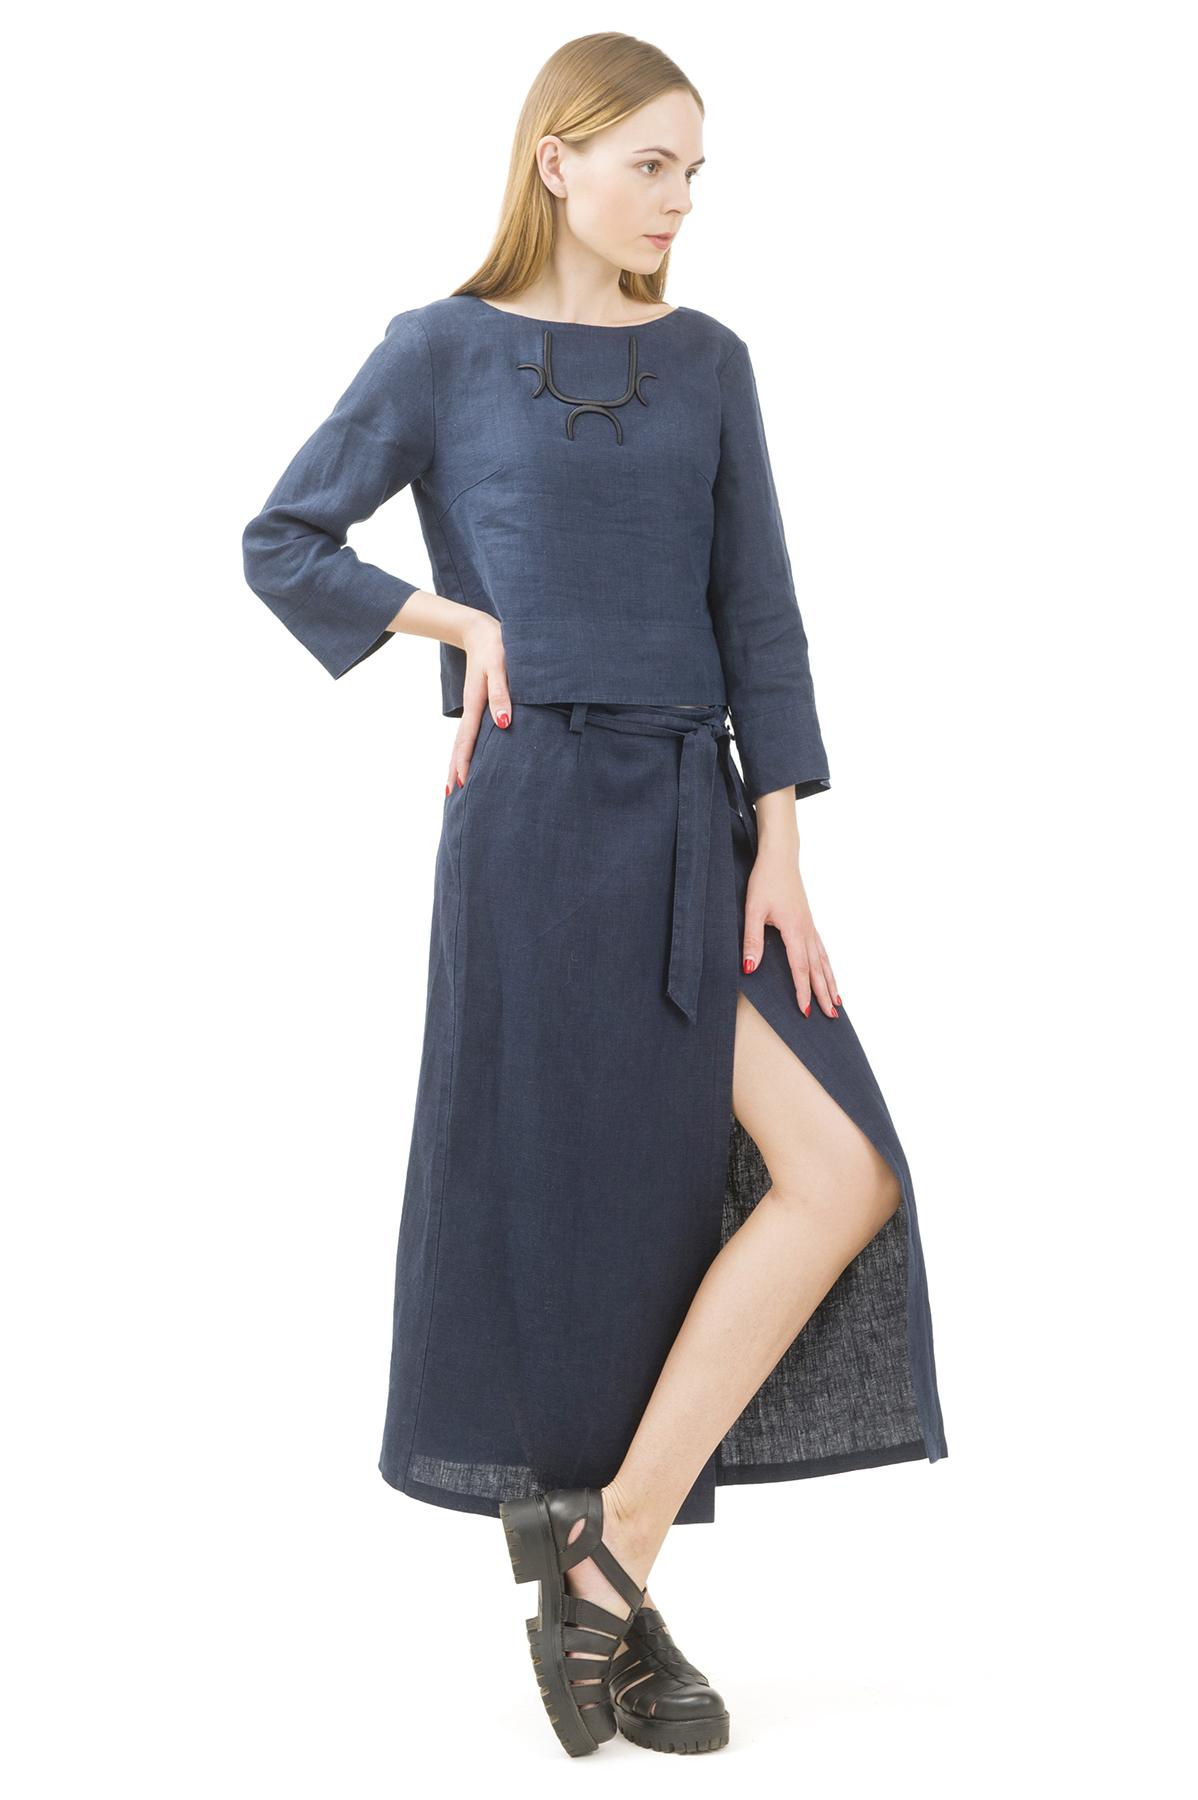 ЮбкаЖенские юбки и брюки<br>Льняная юбка должна быть в каждом гардеробе и эта модель отвечает всем требованиям современной модницы! Благодаря спокойной однотонной расцветке, юбка превосходно гармонирует с любыми вещами.<br><br>Цвет: темно-синий<br>Состав: 100% лен<br>Размер: 40,42,44,46,48,50,52,54<br>Страна дизайна: Россия<br>Страна производства: Россия